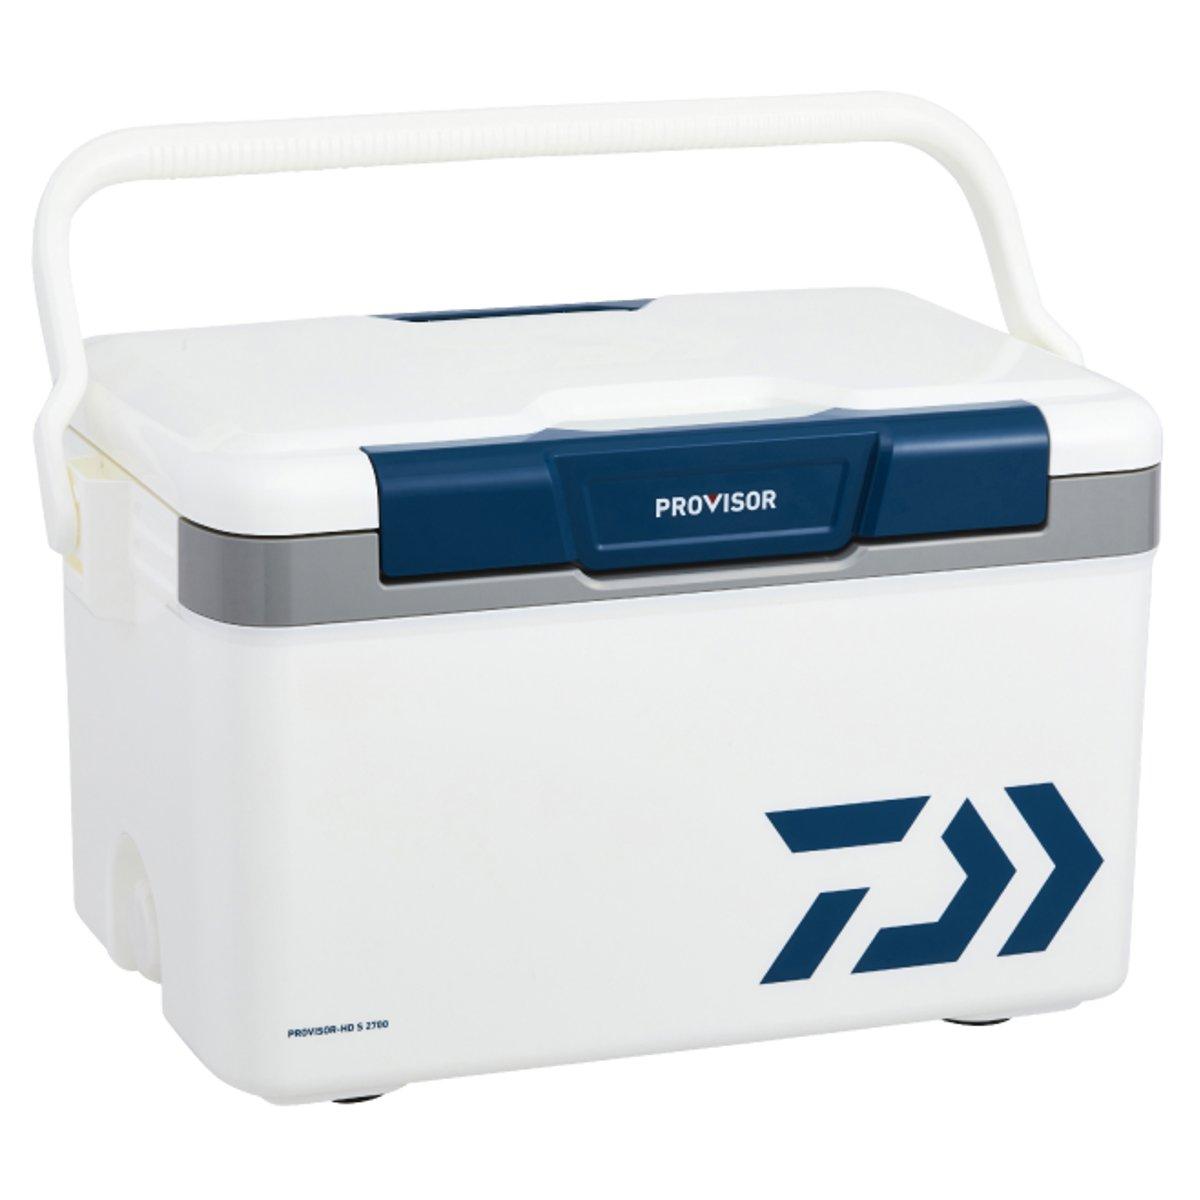 ダイワ プロバイザー HD S 2700 ブルー クーラーボックス(東日本店)【同梱不可】